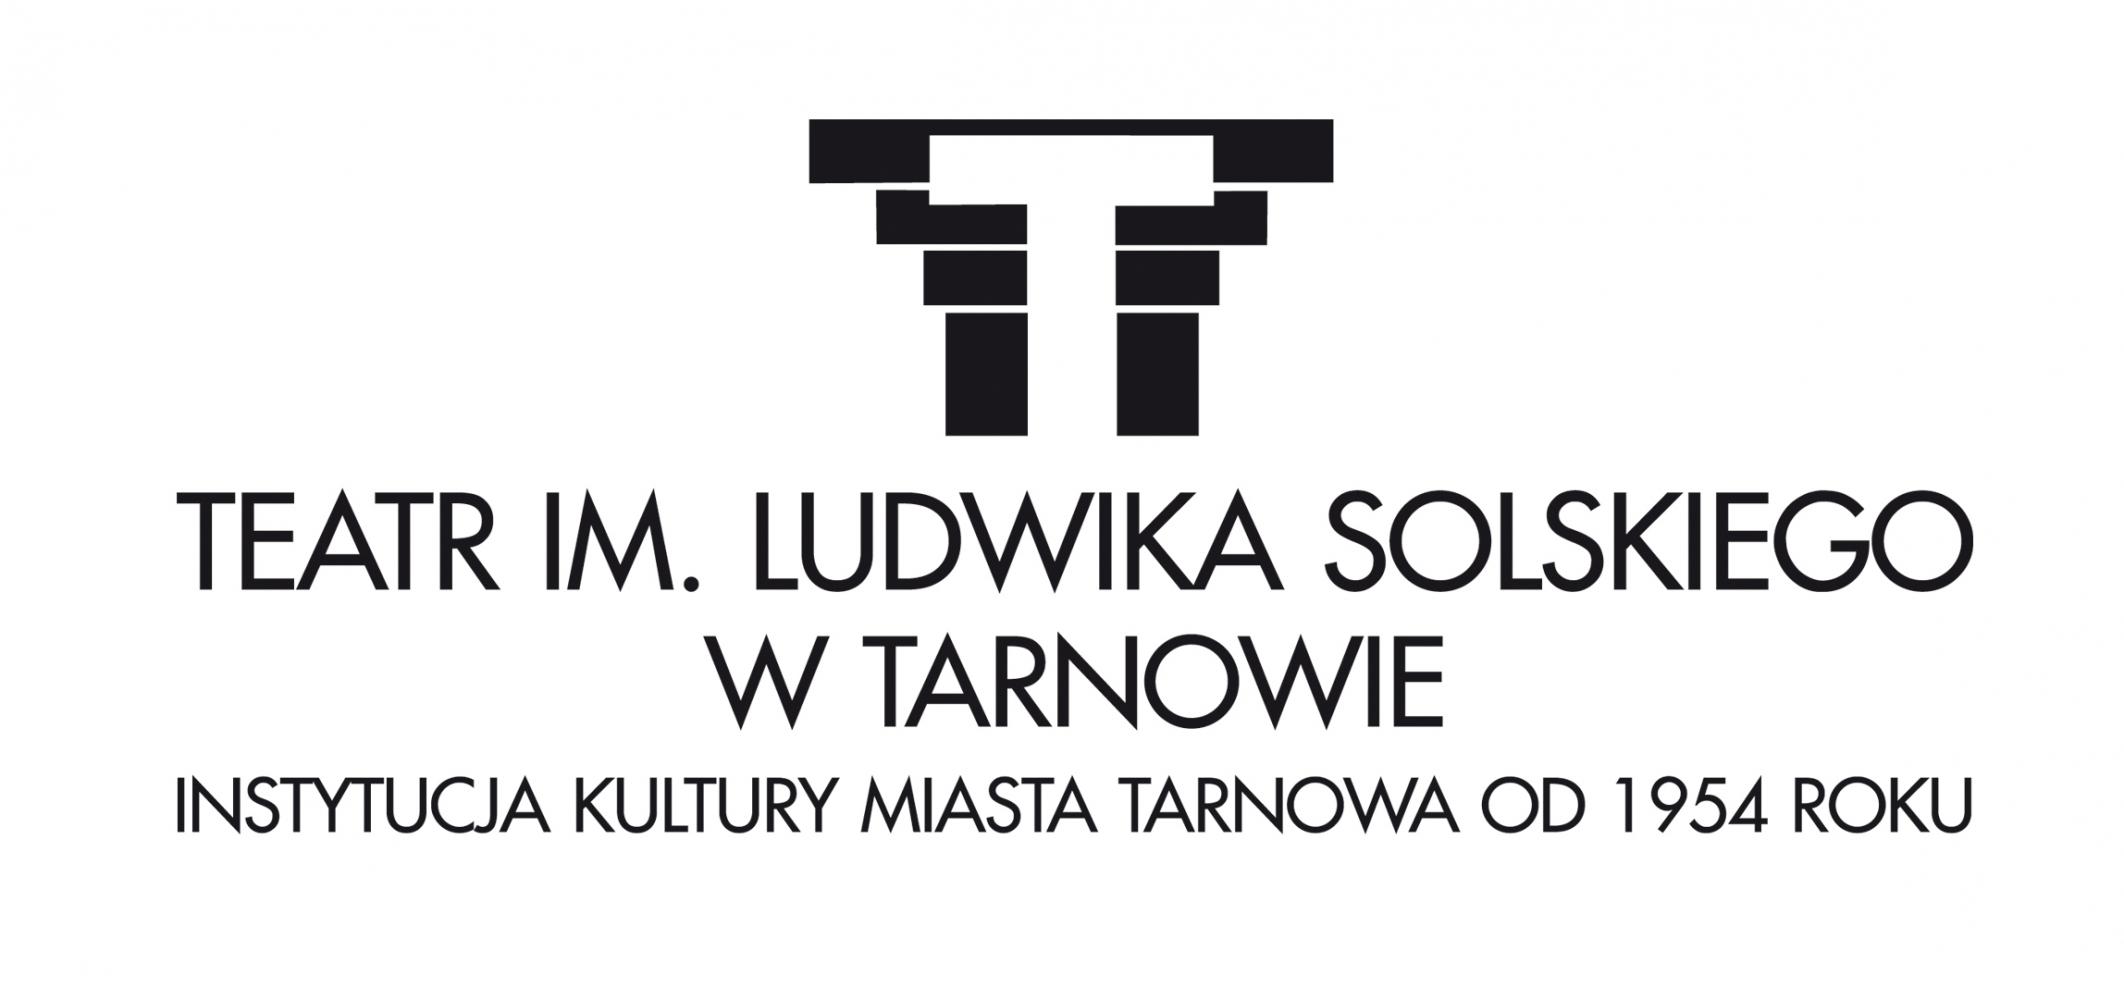 Teatr im. Ludwika Solskiego w Tarnowie